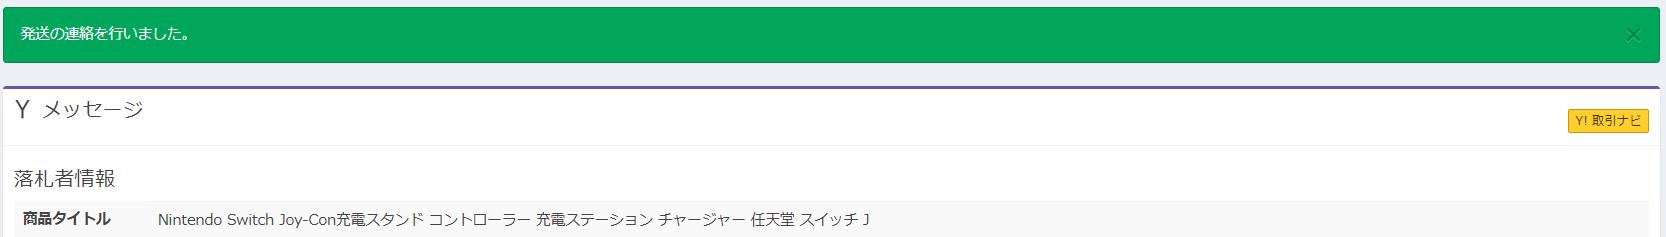 2018 01 09 07h18 50 【TOOL】第五章 仕入れ・発送 落札されたら?仕入れを行う